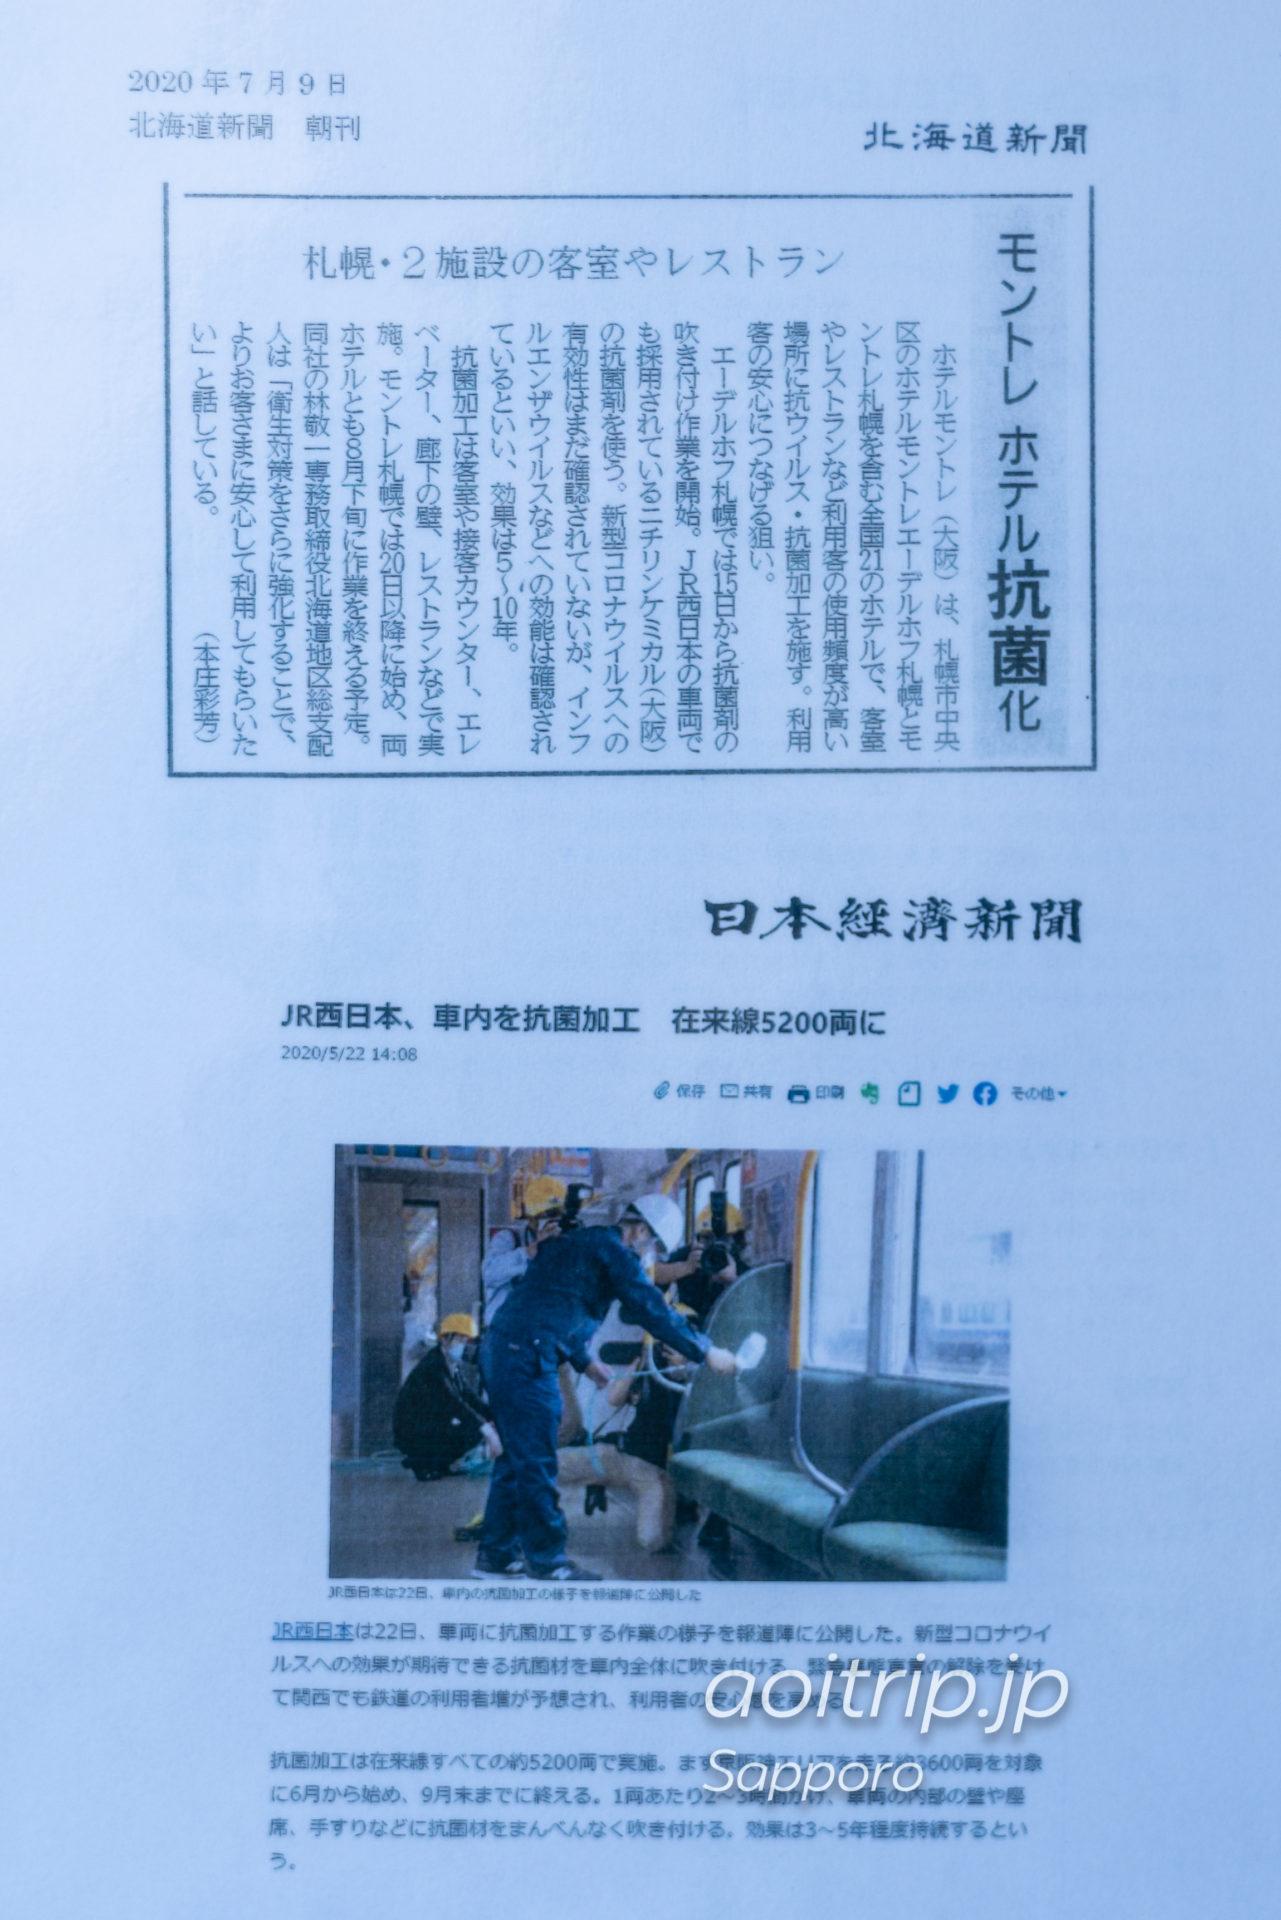 ホテル モントレ エーデルホフ札幌の抗菌加工